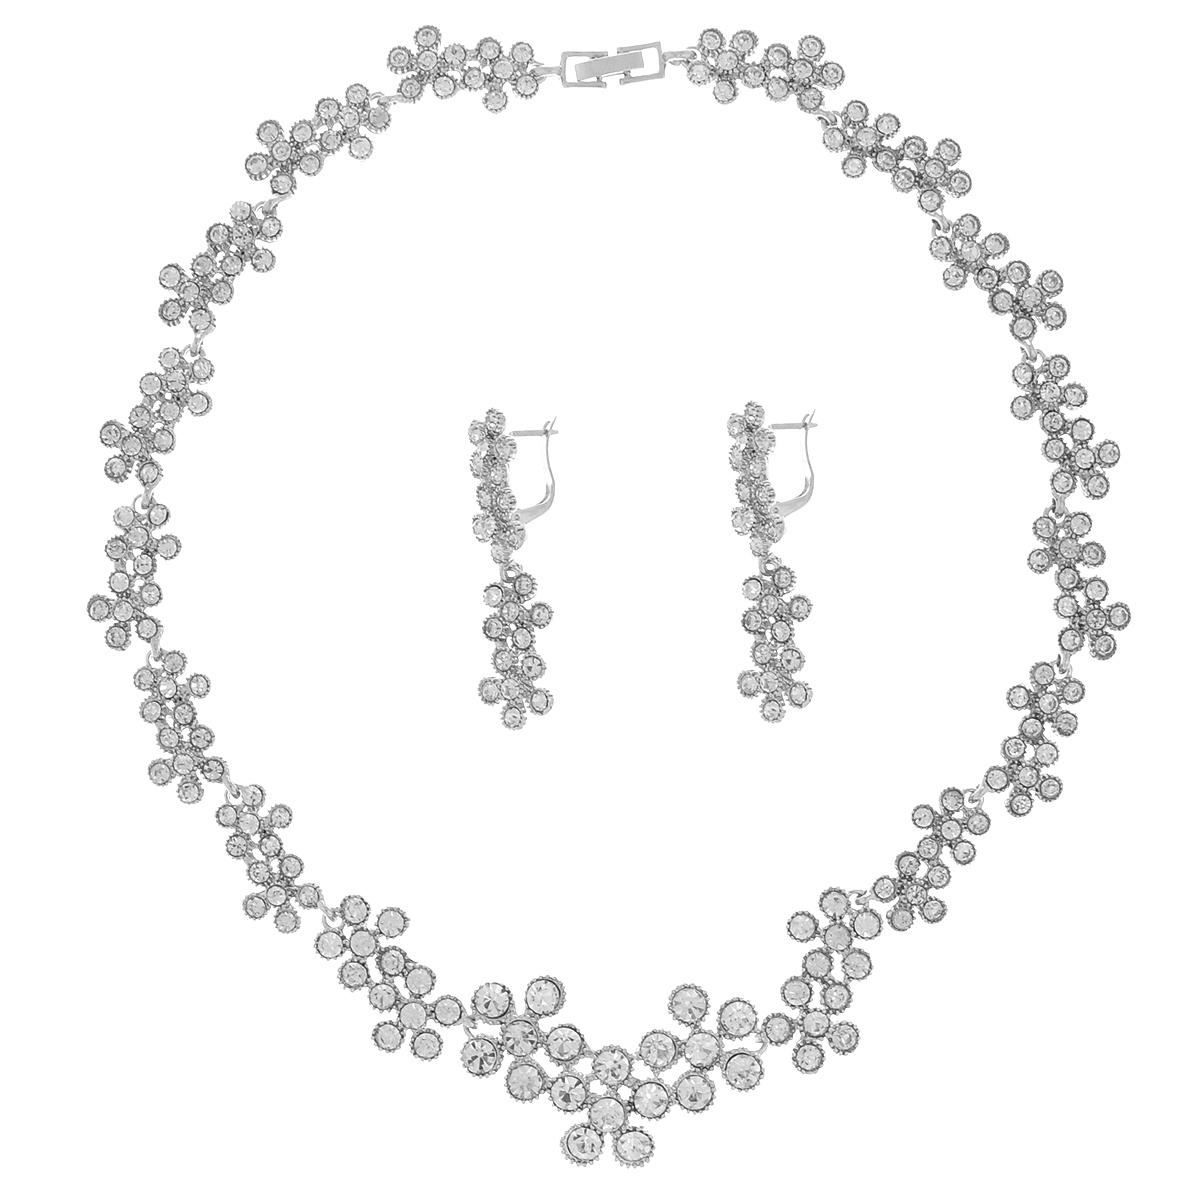 Комплект украшений Taya: колье, серьги, цвет: серебристый. T-B-9517T-B-9517-SET-SILVERСтильный комплект украшений Taya, состоящий из колье и сережек, выполнен из гипоаллергенного сплава на основе латуни (не содержит свинец и никель). Серьги декорированы оригинальными подвесками и застегиваются при помощи замка. Колье, выполненное в неповторимом стиле, украшено мерцающими стразами. Модель застегивается при помощи складного замка. Длина колье регулируется. Необычный комплект украшений поможет вам создать уникальный и запоминающийся образ и позволит выделиться среди окружающих. Комплект подойдет как для вечернего образа, так и на каждый день для завершения вашего наряда.